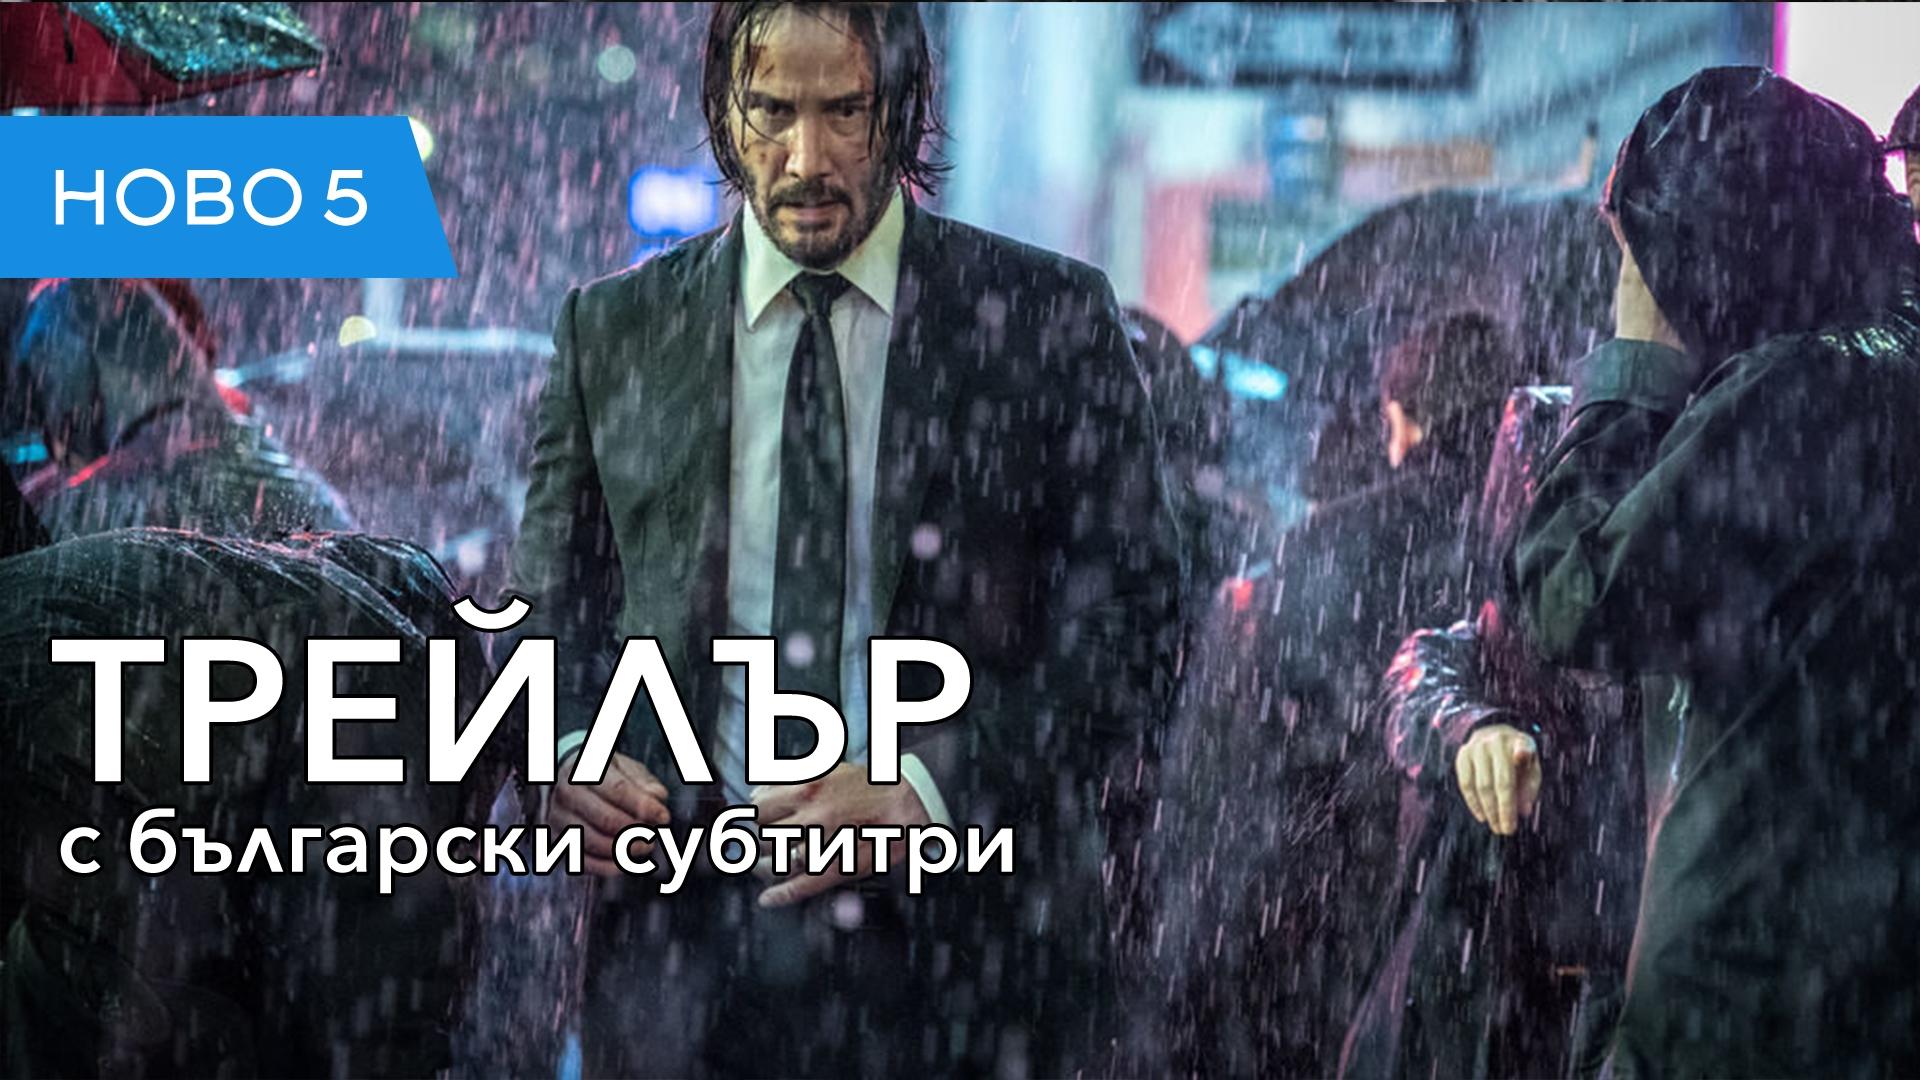 Джон Уик 3 (2019) трейлър с български субтитри